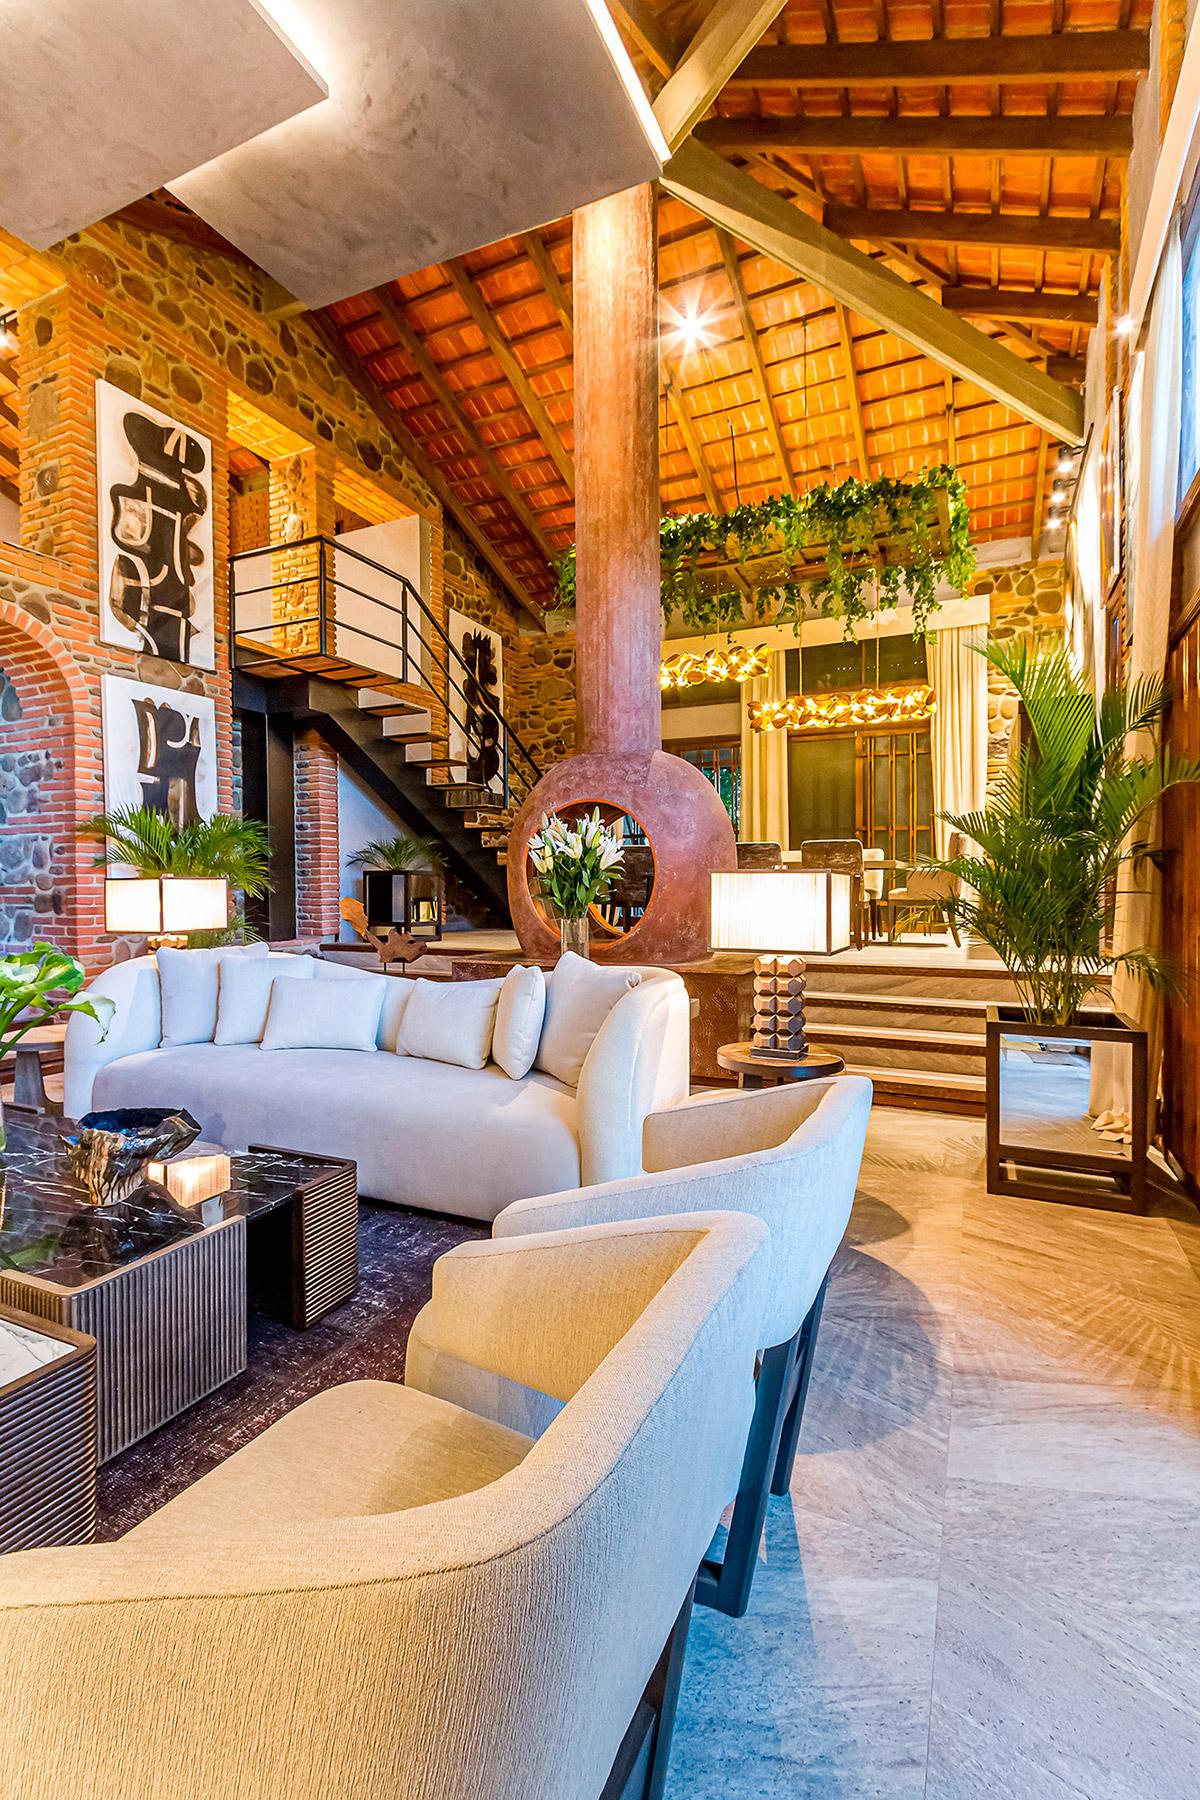 casacor bolivia decor decoração arquitetura 2021 mostras lliving comedor social clarissa cingolani maya mac lean